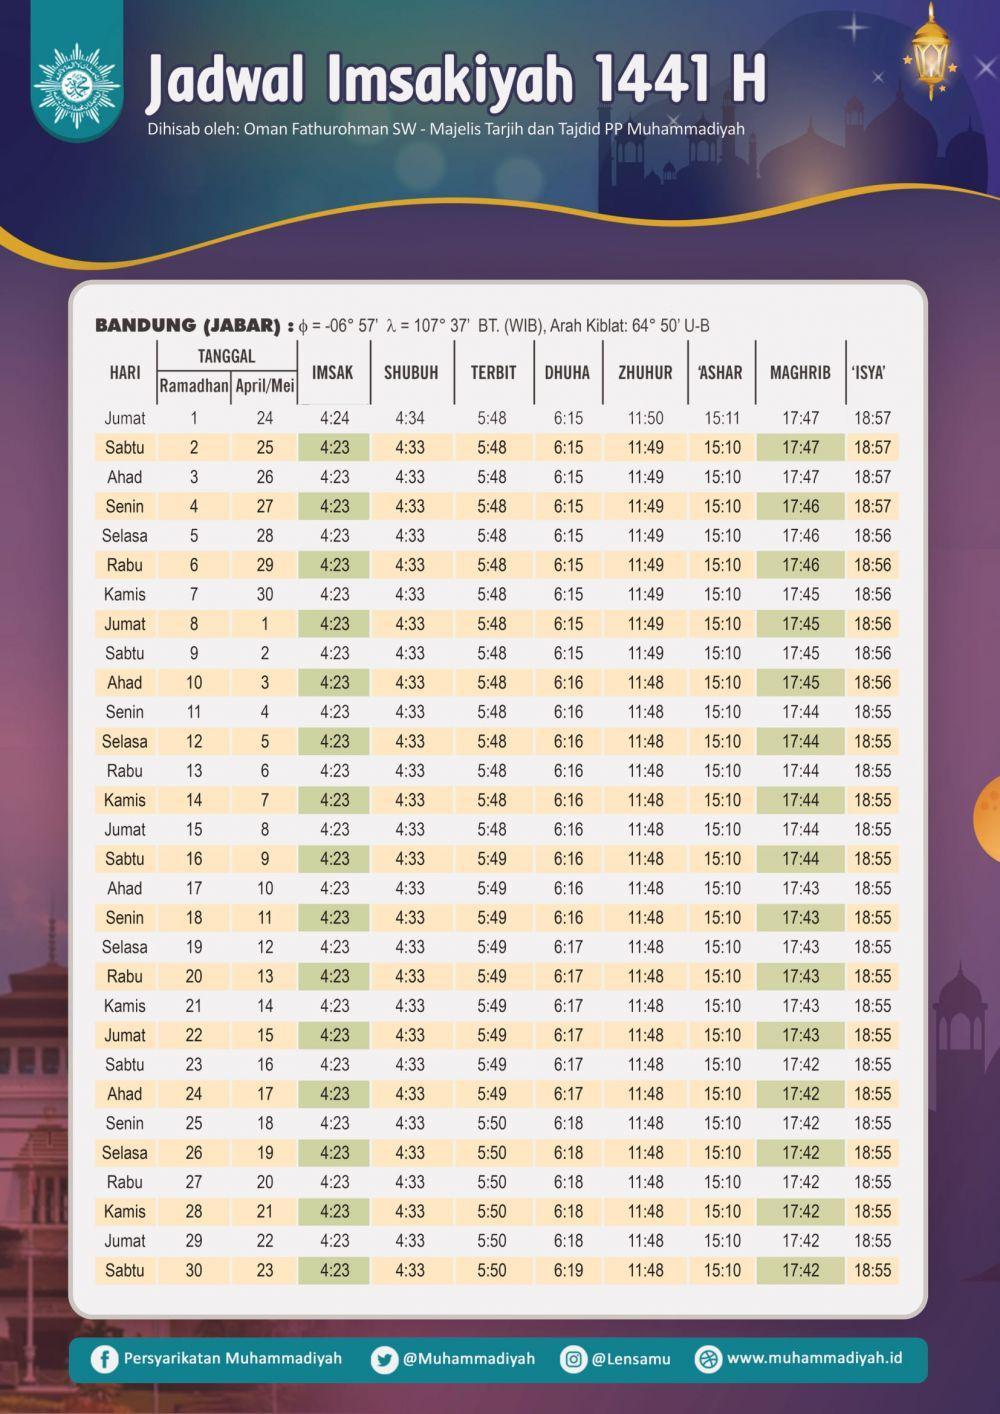 Jadwal Imsakiyah Puasa Ramadan 2020/1441 H Wilayah Bandung dan Sekitarnya, Dilengkapi Waktu Salat (muhammadiyah.or.id)